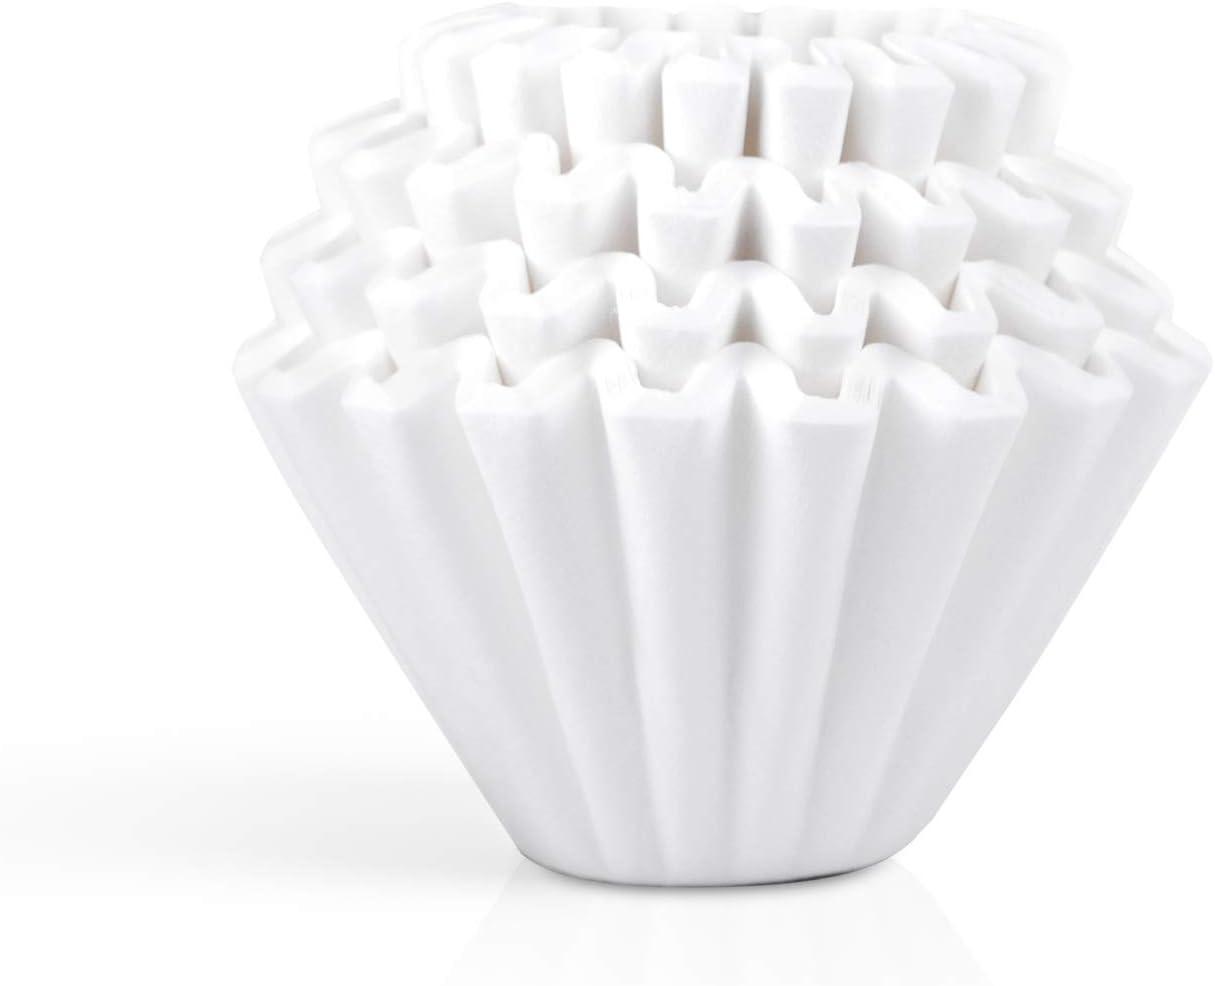 Kalita 22201 Wave 155 (100P) Paper Filter, Size, White 61jm0RXh82BL